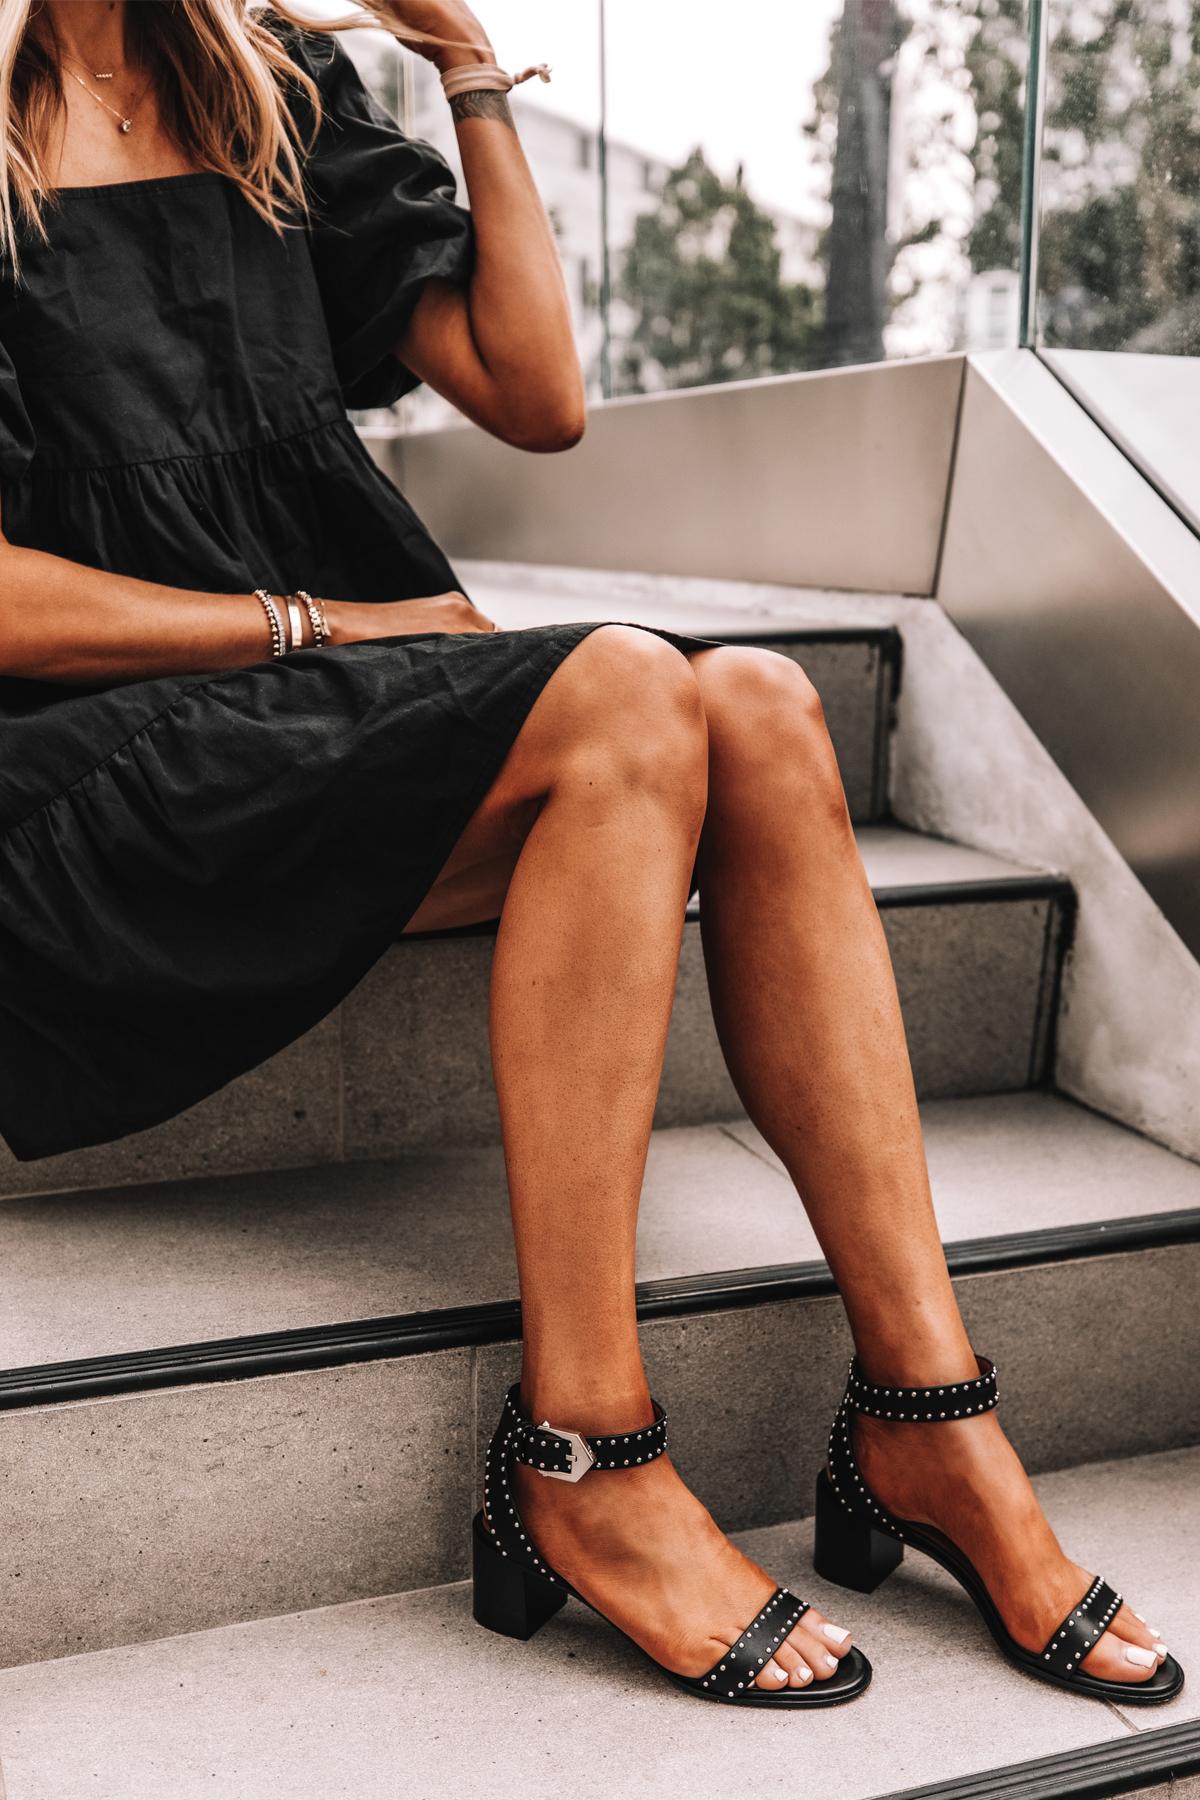 Fashion Jackson Wearing Black Ruffle Dress Givenchy Elegant 60 studded leather sandals Black 2